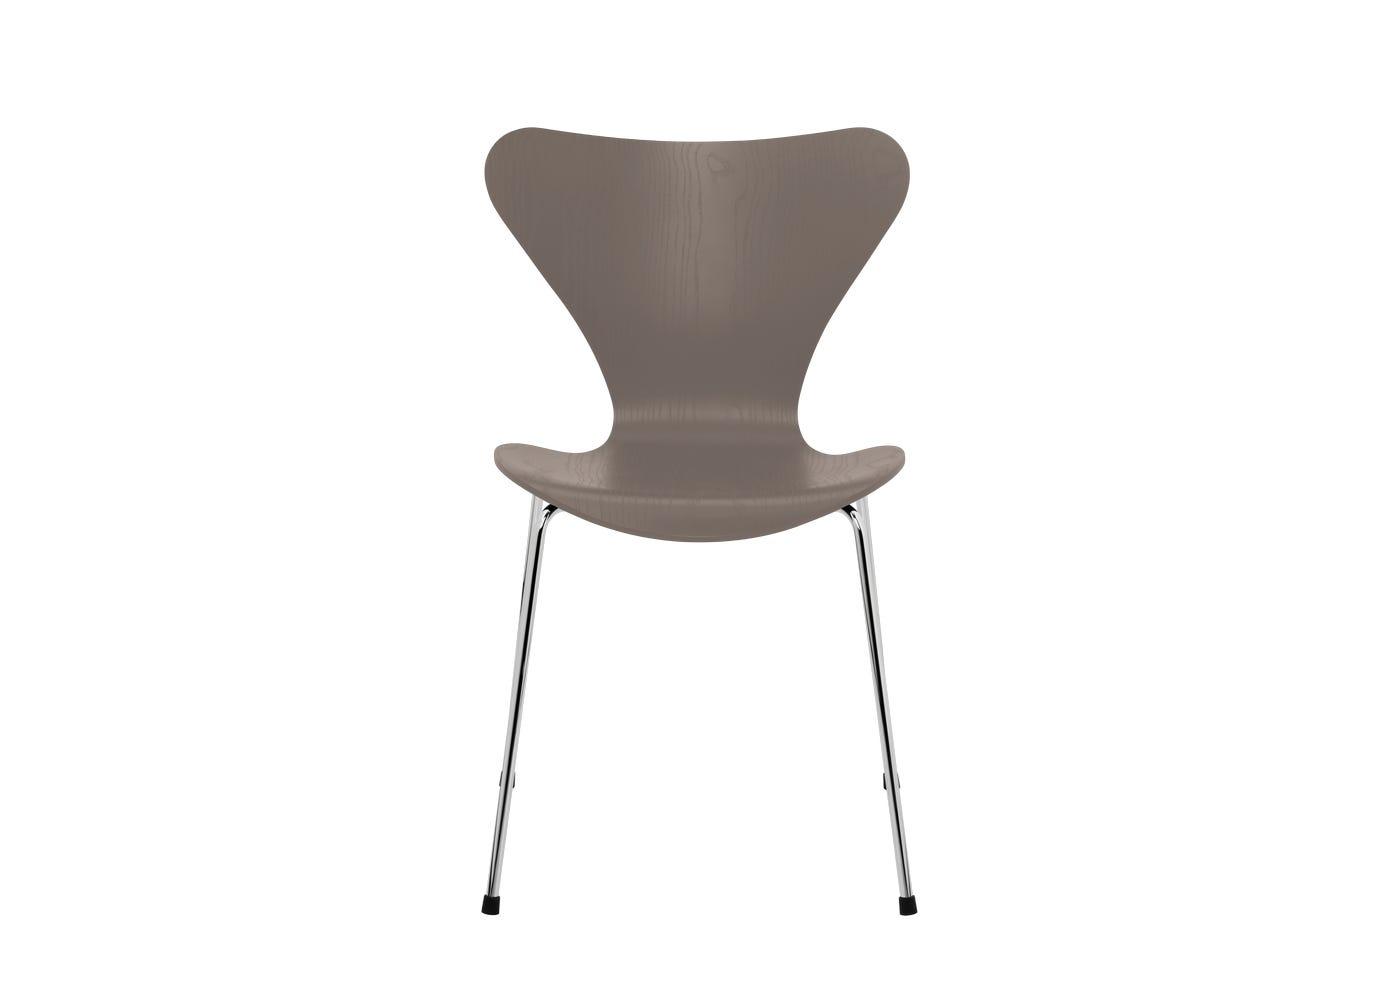 Fritz Hansen Series 7 Chair Coloured Ash Chrome Legs Deep Clay